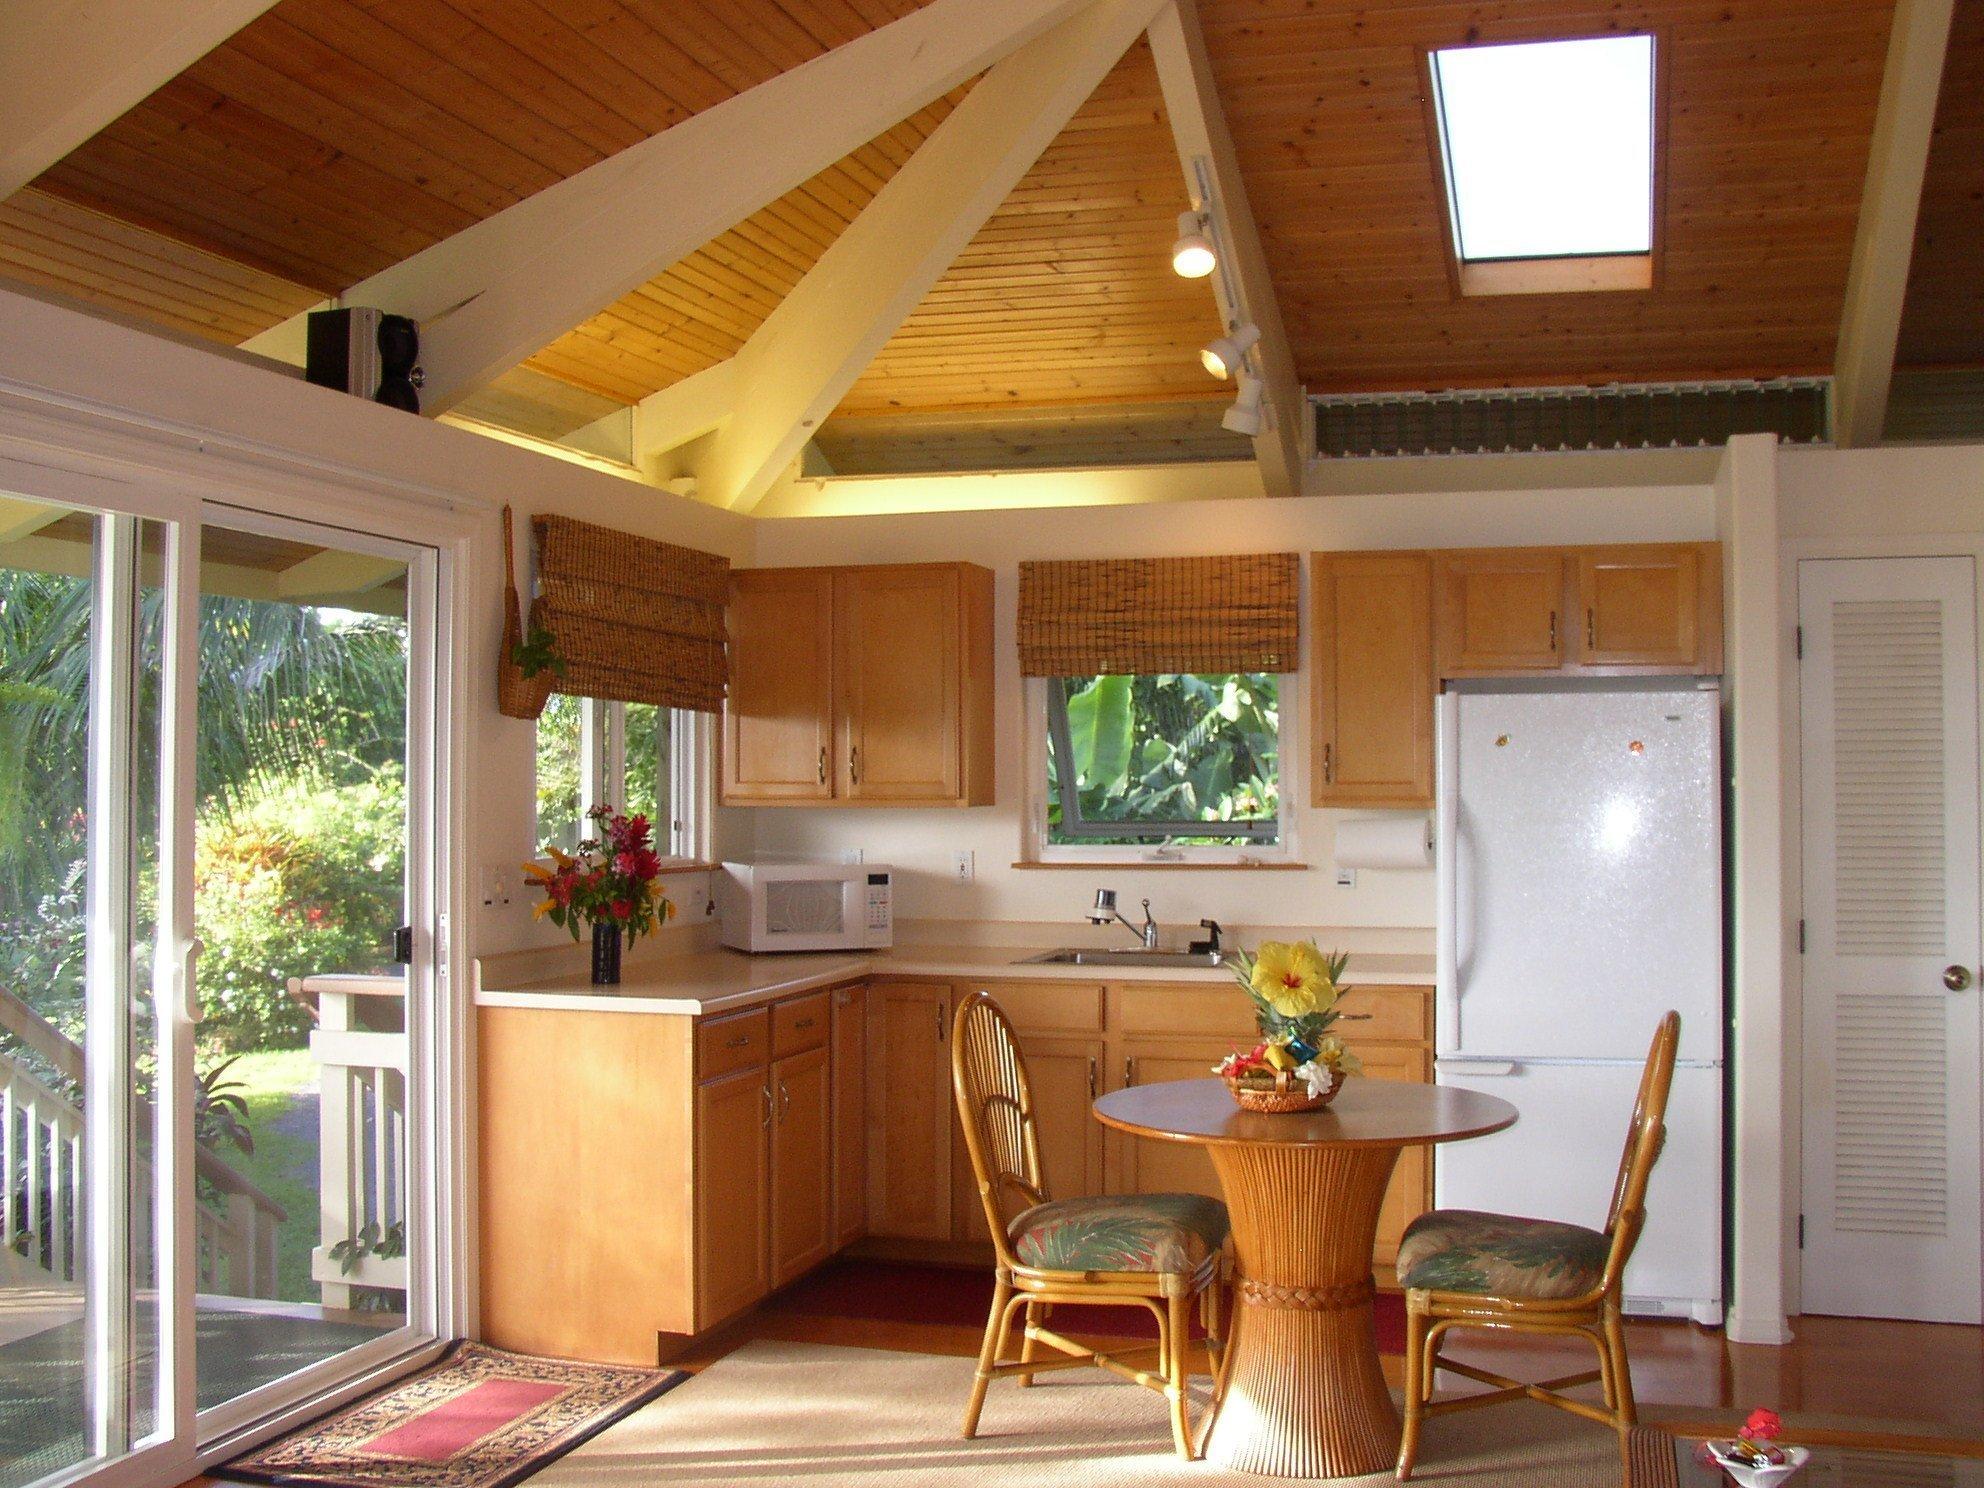 Дизайн дачного дома внутри своими руками фото обладает нежным